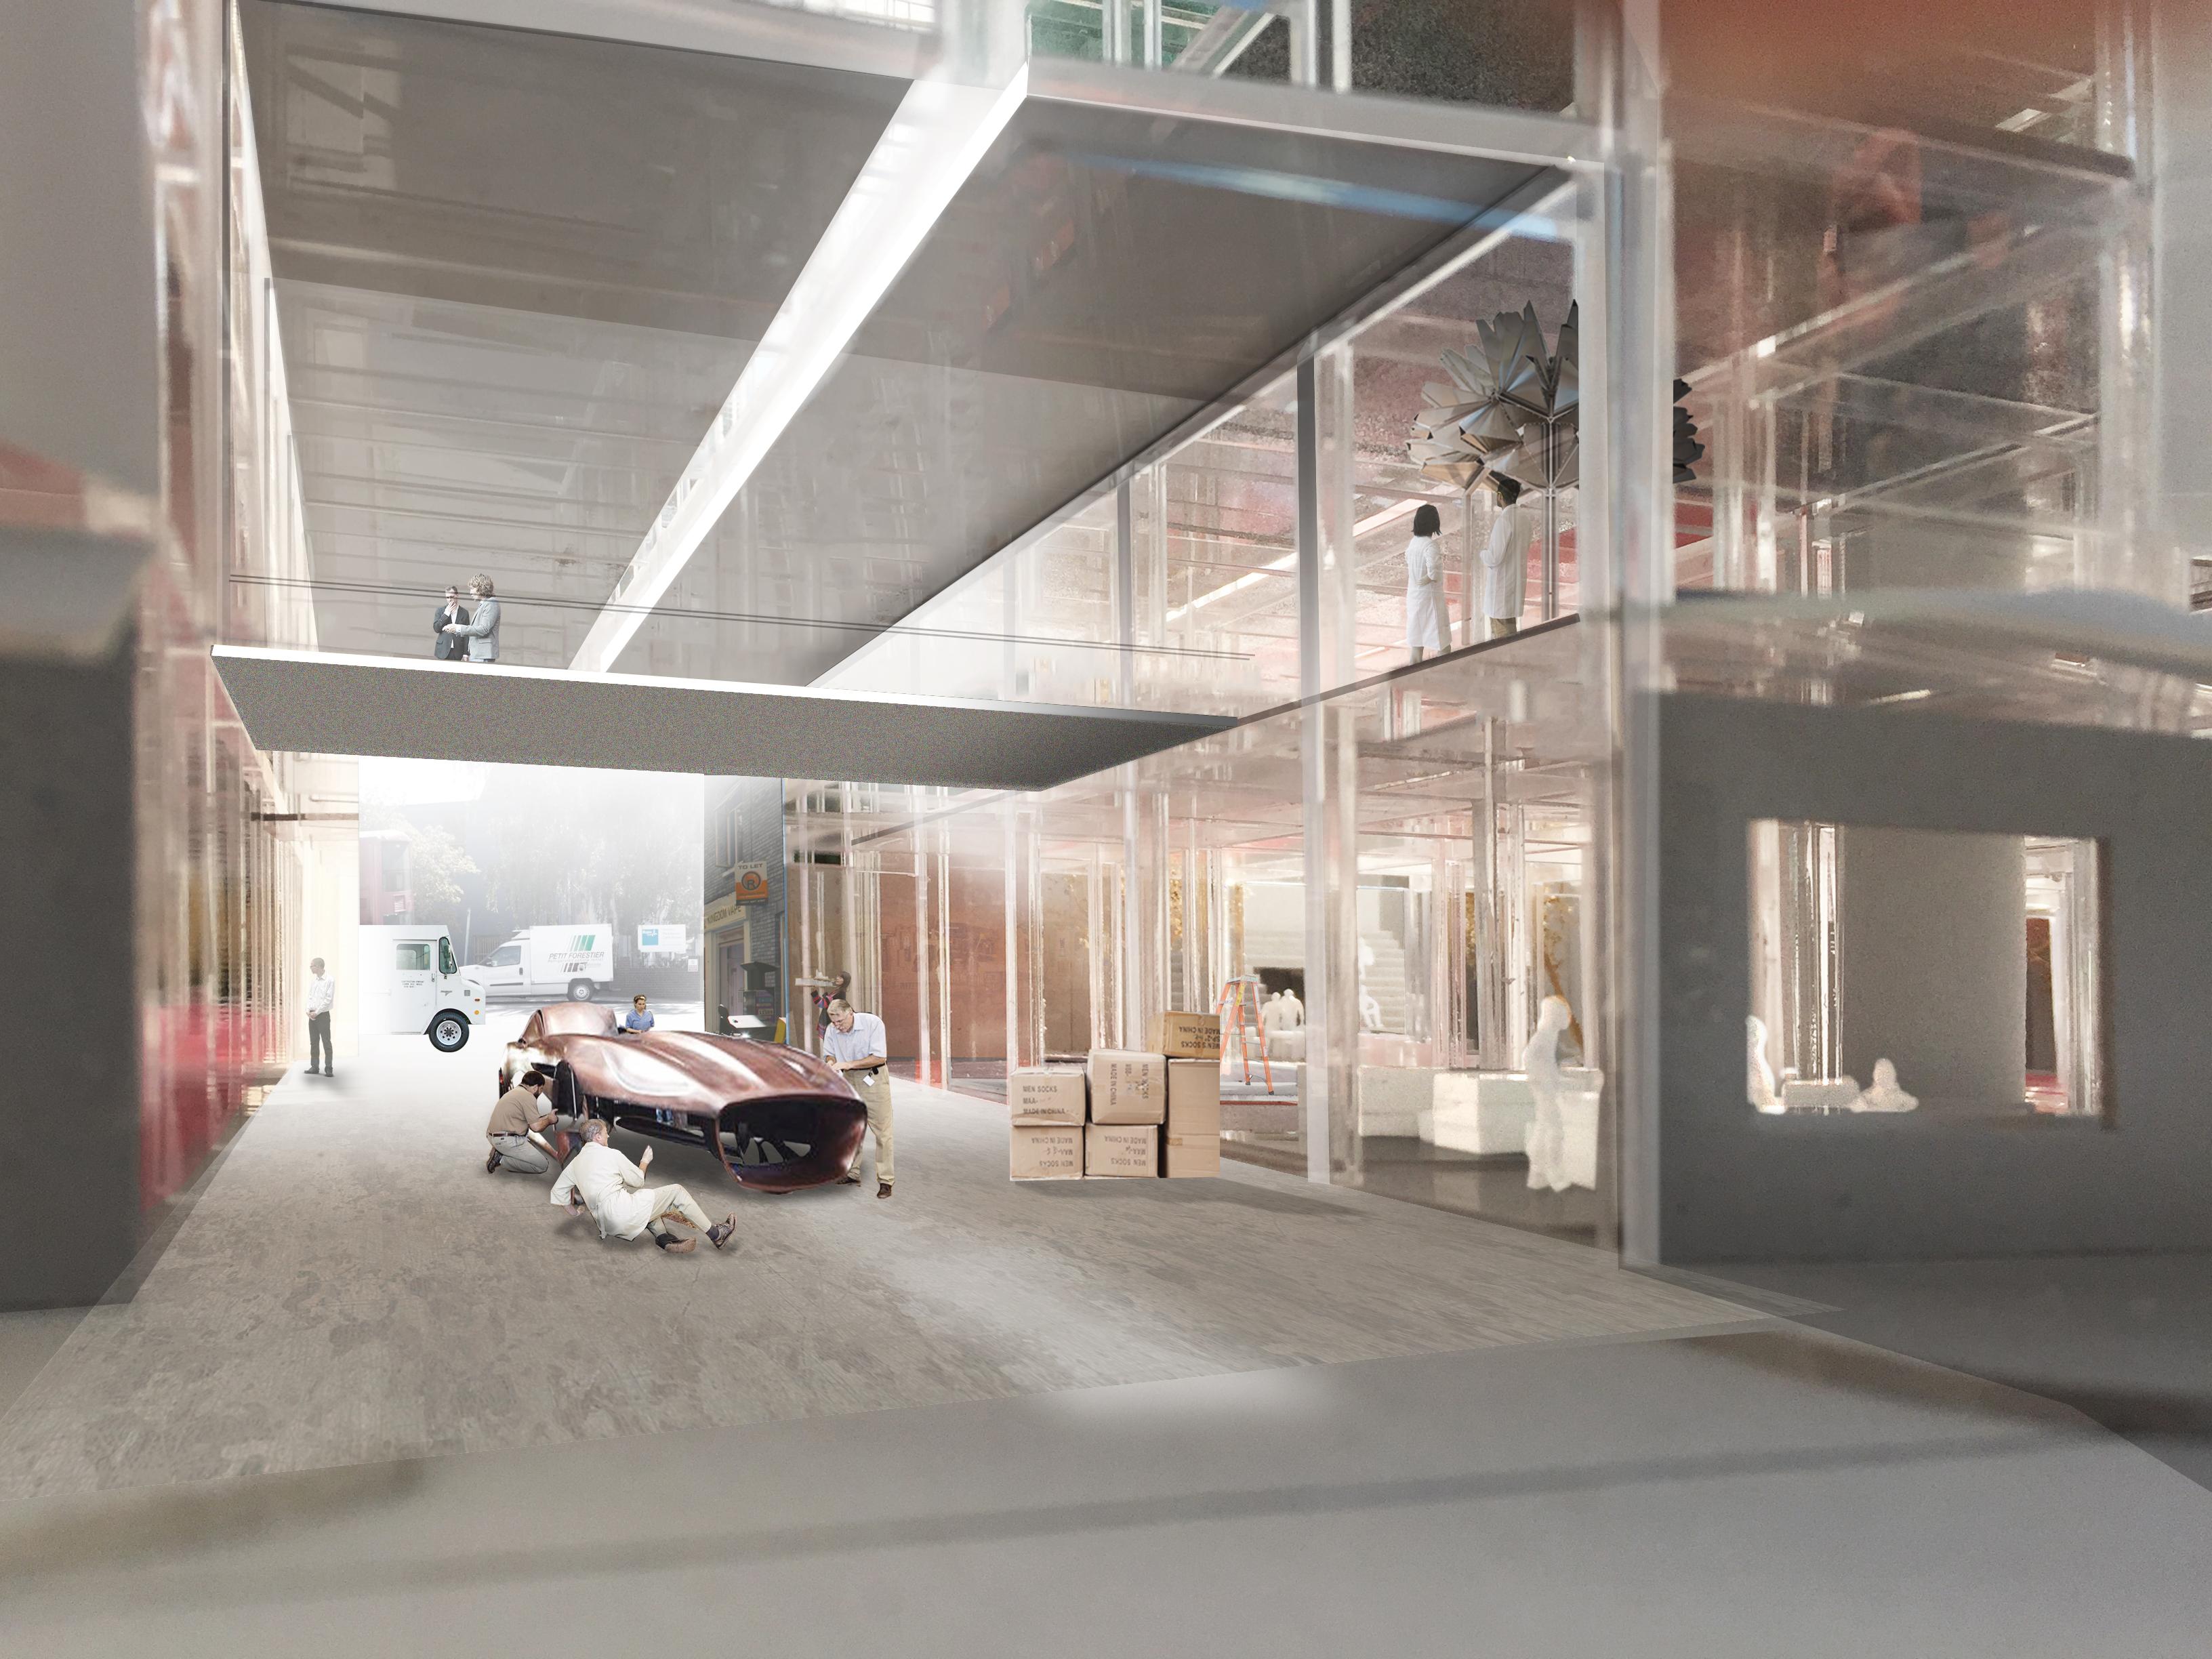 Herzog & de Meuron remportent le concours pour le nouveau campus du Royal College of Art